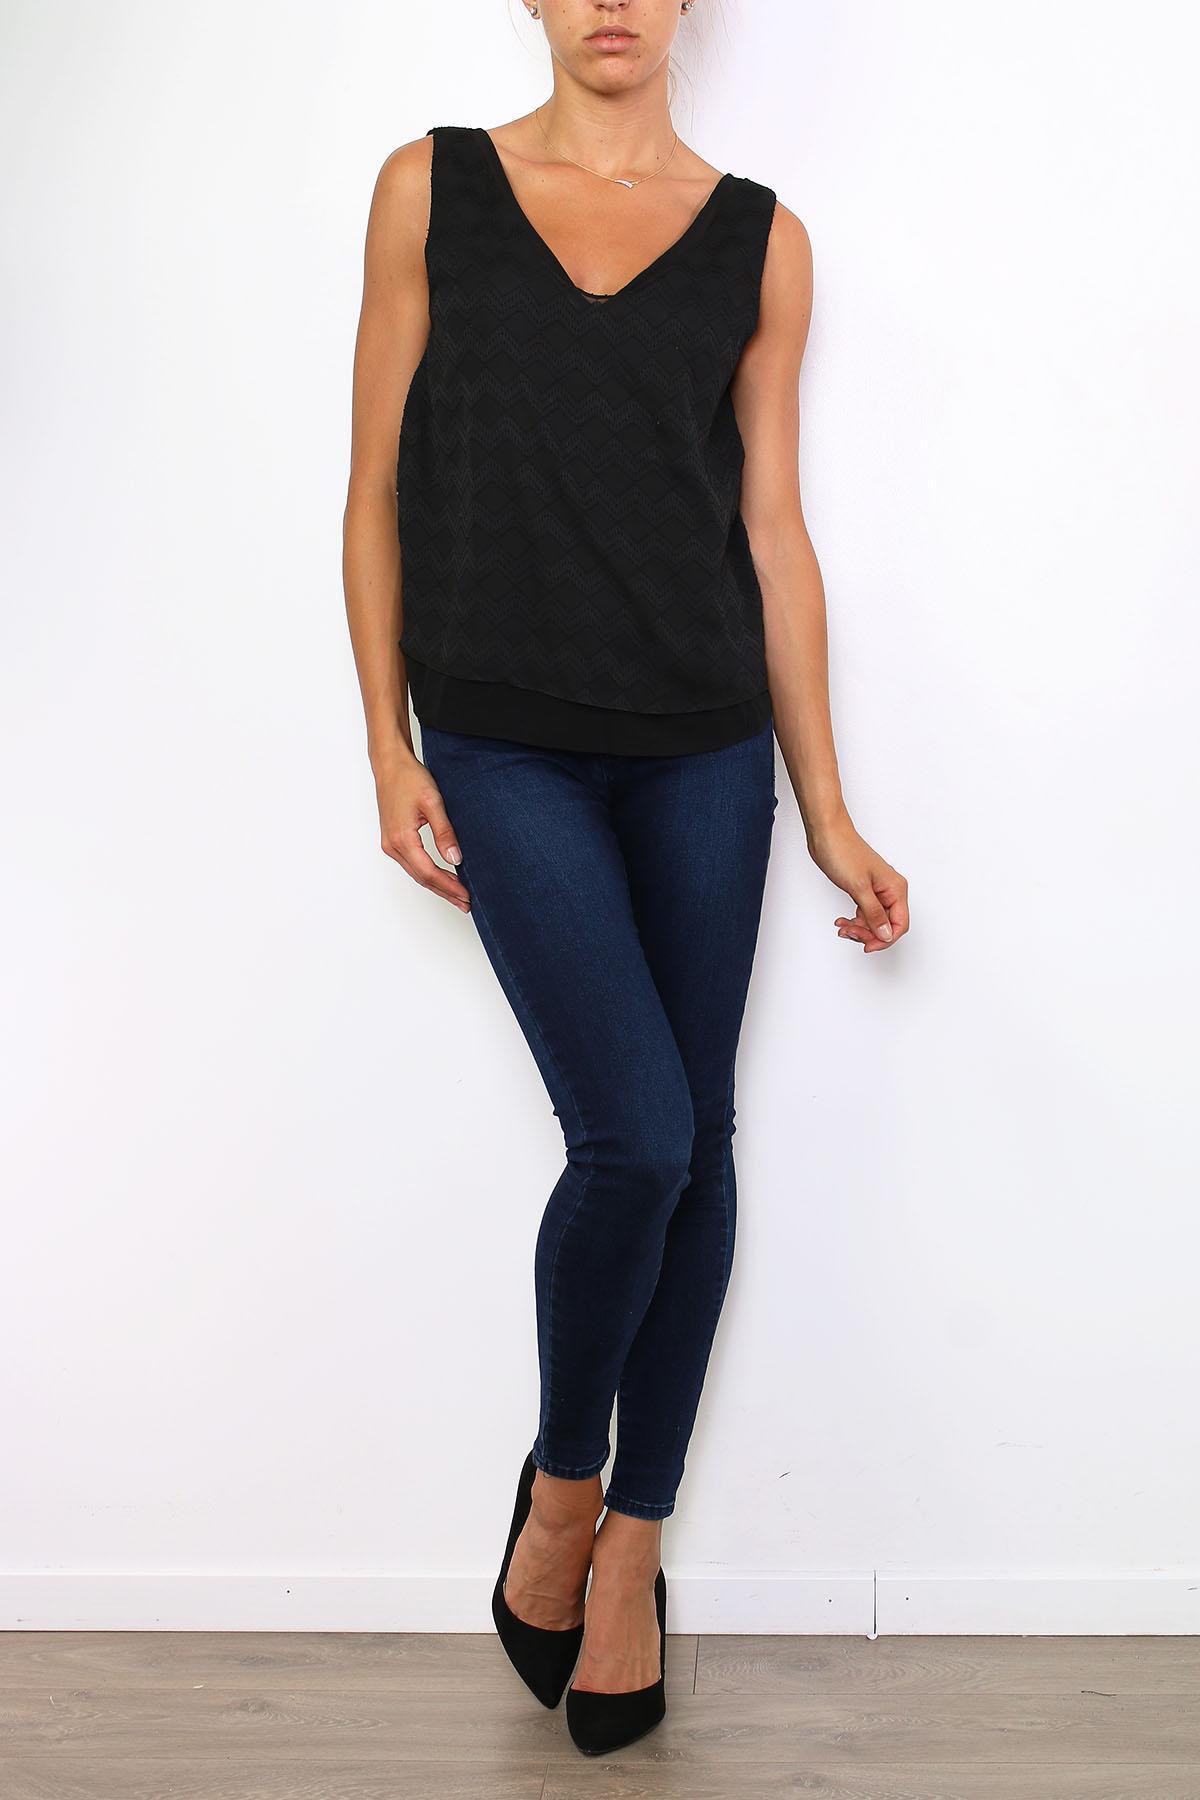 Tops Femme 96351-NOIR Lucy & Co Paris 11